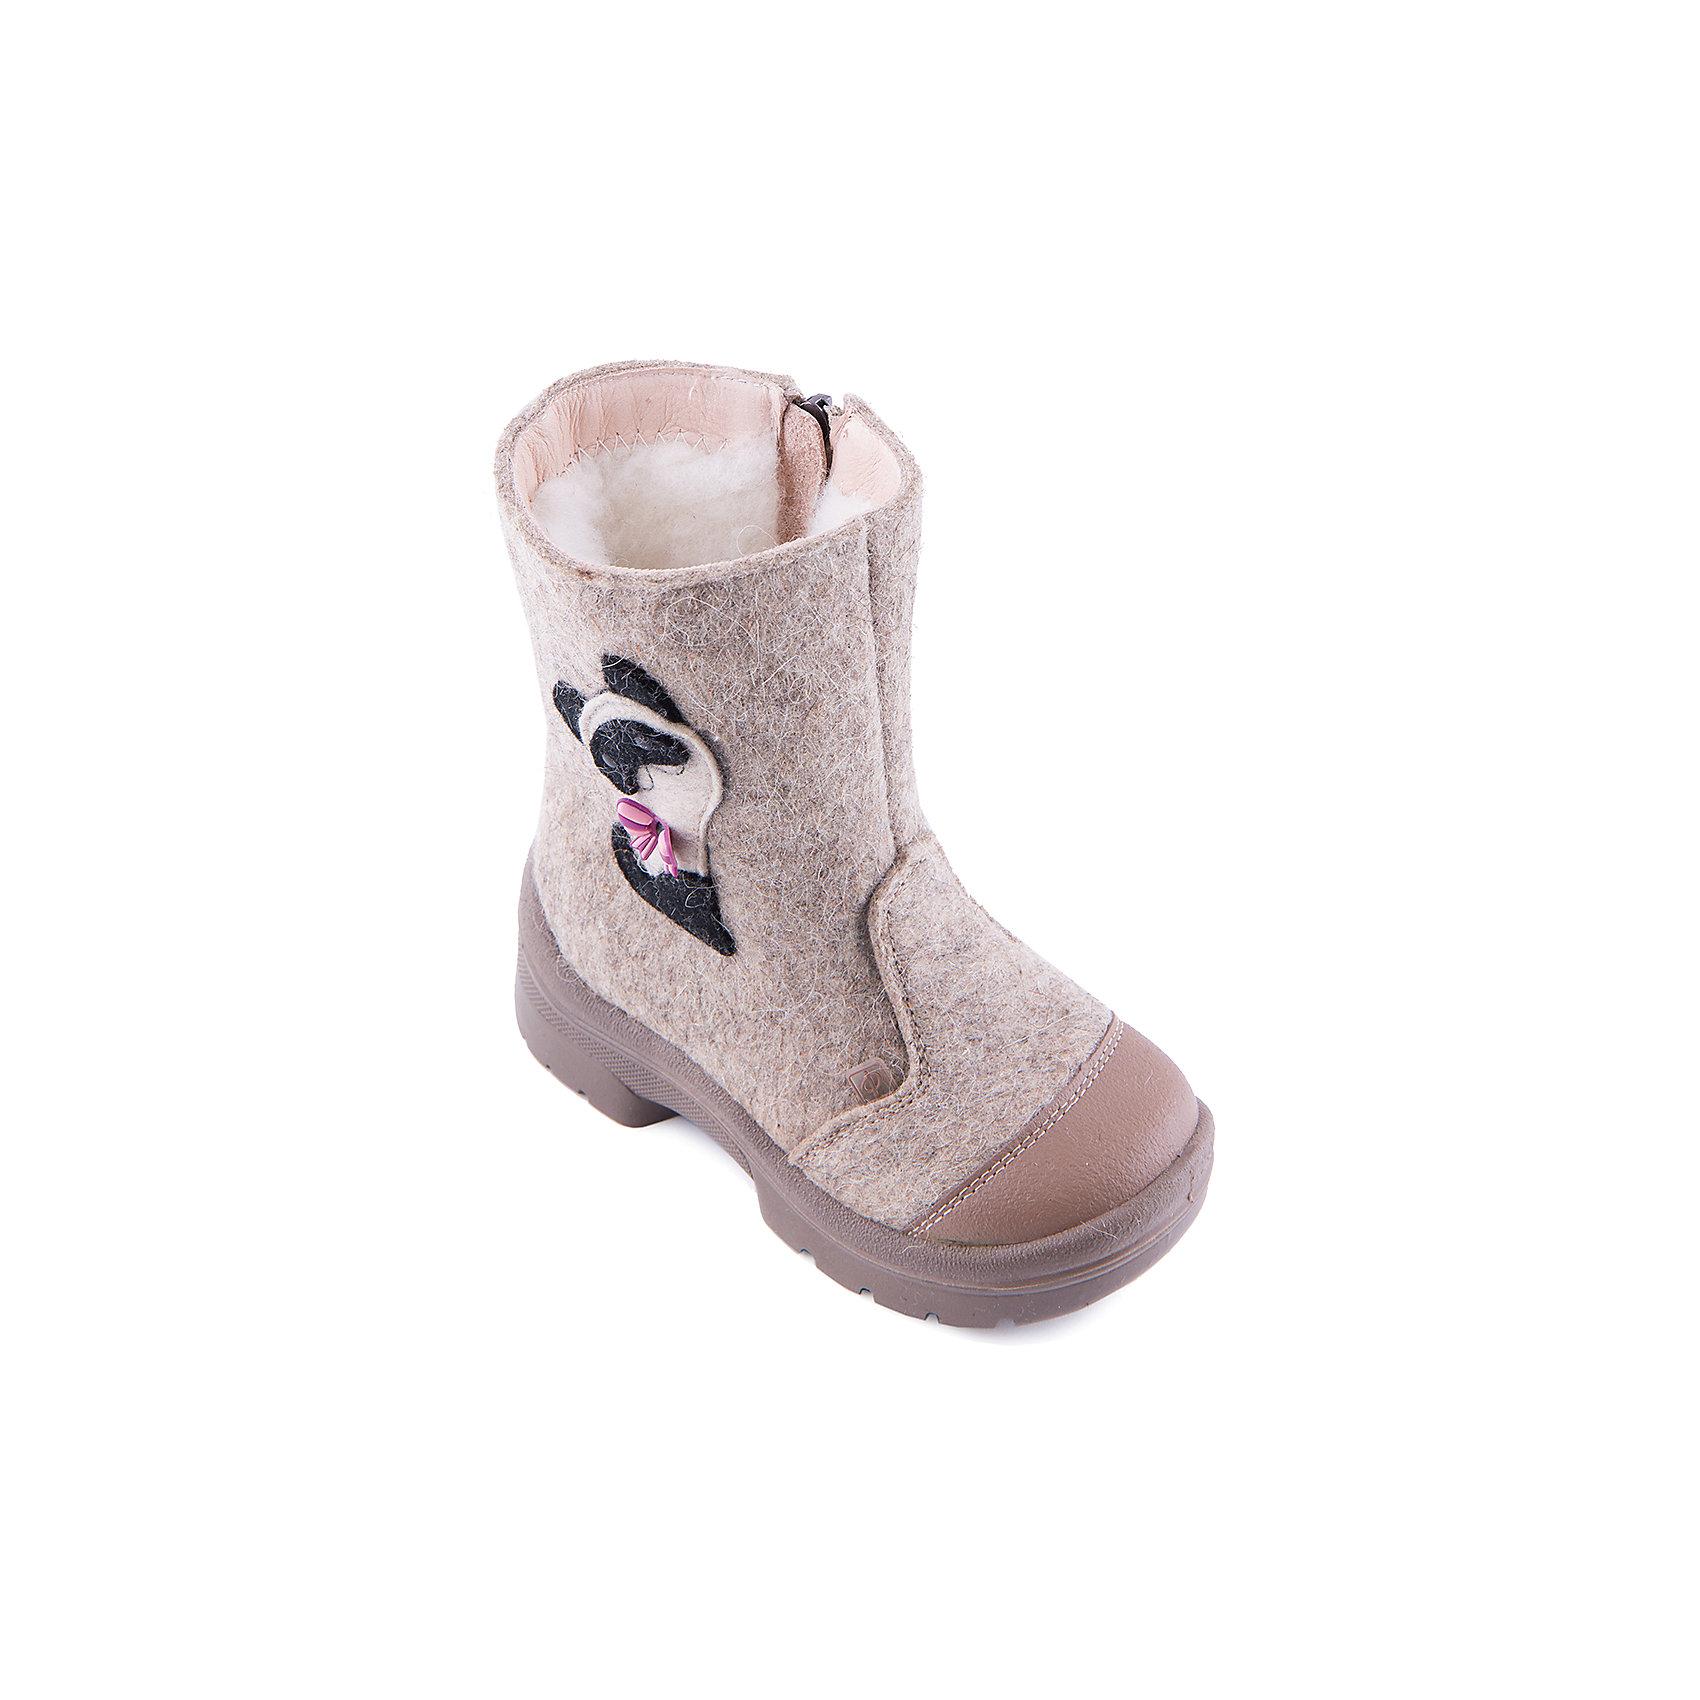 Валенки Мур-Мур для девочки ФилипокВаленки<br>Характеристики товара:<br><br>• цвет: бежевый<br>• температурный режим: от -5° С до -30° С<br>• внешний материал: эко-войлок (натуральная шерсть)<br>• подкладка: натуральная овечья шерсть<br>• стелька: шерстяной войлок (3,5 мм)<br>• подошва: литая, полиуретан<br>• декорированы аппликацией<br>• подошва с анти скользящей с системой протектора anti slip<br>• застежка: молния<br>• защита носка - натуральная кожа с износостойкой пропиткой<br>• усиленная пятка<br>• толстая устойчивая подошва<br>• страна бренда: РФ<br>• страна изготовитель: РФ<br><br>Очень теплые и удобные валенки для ребенка от известного бренда детской обуви Филипок созданы специально для русской зимы. Качественные материалы с пропиткой против попадания воды внутрь и модный дизайн понравятся и малышам и их родителям. Подошва и стелька обеспечат ребенку комфорт, сухость и тепло, позволяя в полной мере наслаждаться зимним отдыхом. Усиленная защита пятки и носка обеспечивает дополнительную безопасность детских ног в этих сапожках.<br>Эта красивая и удобная обувь прослужит долго благодаря отличному качеству. Производитель анти скользящее покрытие и амортизирующие свойства подошвы! Модель производится из качественных и проверенных материалов, которые безопасны для детей.<br><br>Валенки для девочки от бренда Филипок можно купить в нашем интернет-магазине.<br><br>Ширина мм: 257<br>Глубина мм: 180<br>Высота мм: 130<br>Вес г: 420<br>Цвет: бежевый<br>Возраст от месяцев: 18<br>Возраст до месяцев: 21<br>Пол: Женский<br>Возраст: Детский<br>Размер: 23,22,30,26,24,28,29,27,25<br>SKU: 4207178